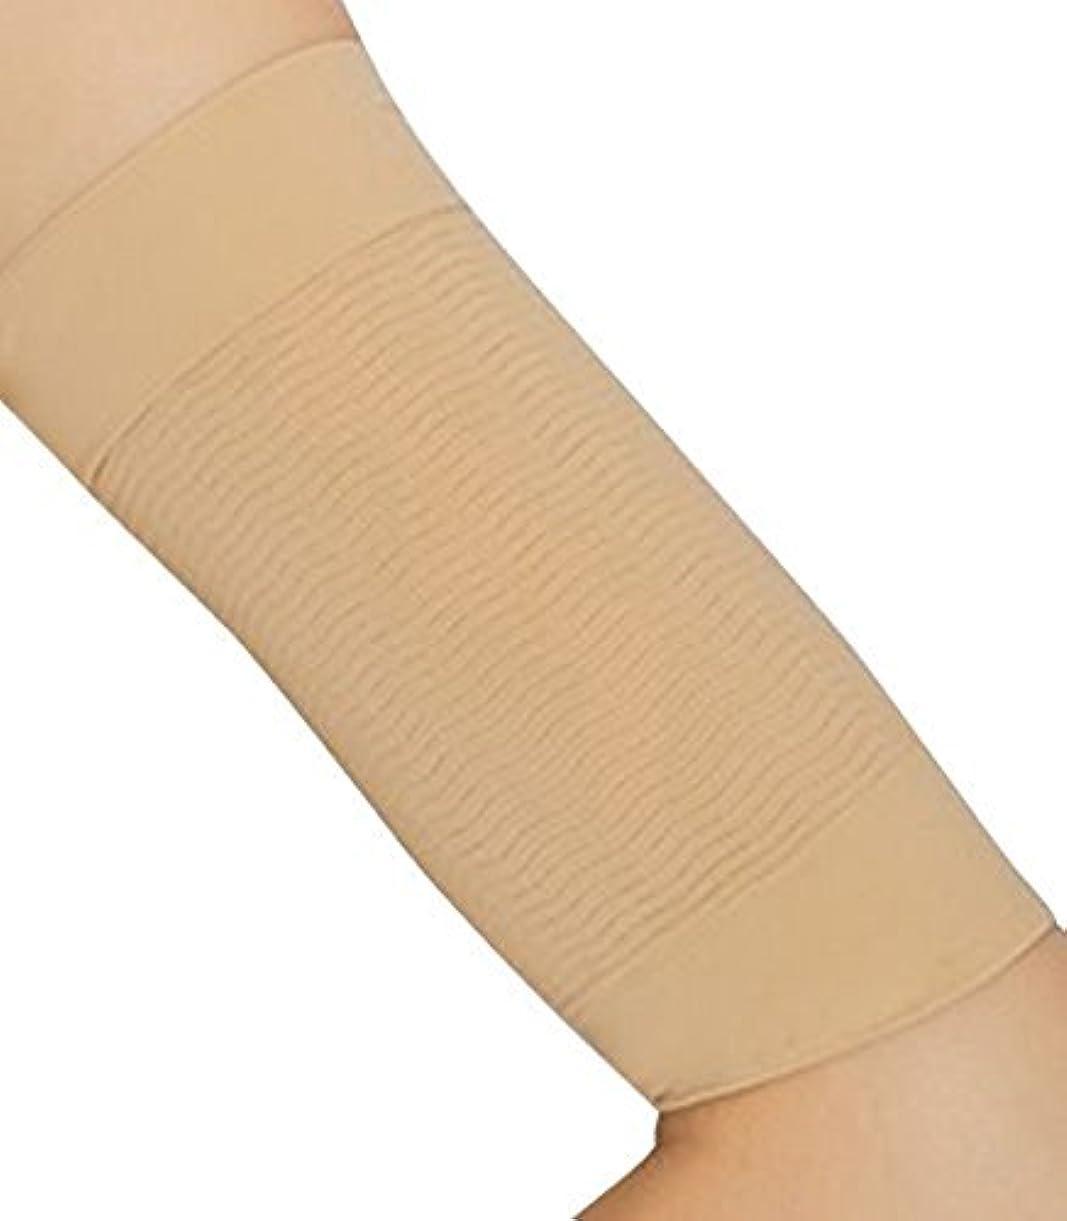 証言場所流体CREPUSCOLO 二の腕引き締め! 二の腕シェイパー 二の腕 引き締め 二の腕痩せ ダイエット 二の腕ダイエット インナー シェイプアップ 脂肪燃焼 セルライト 加圧下着 (ベージュ)